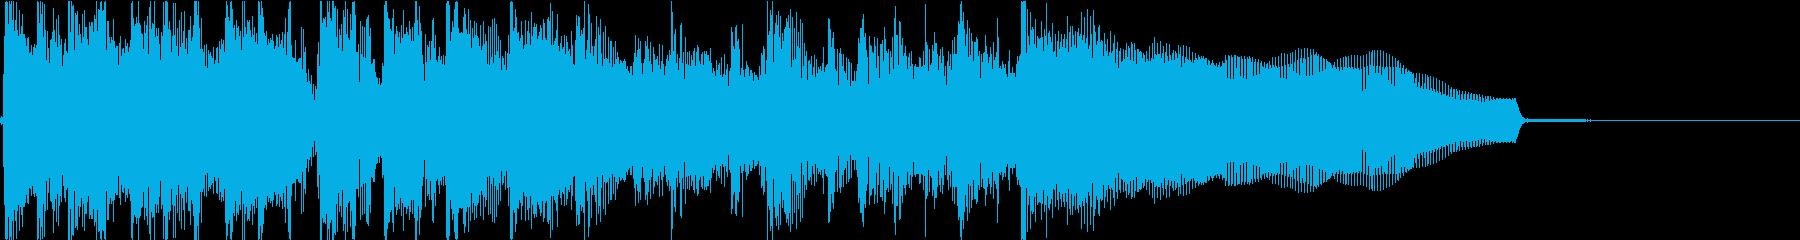 生演奏でのハードなロックジングルL1の再生済みの波形